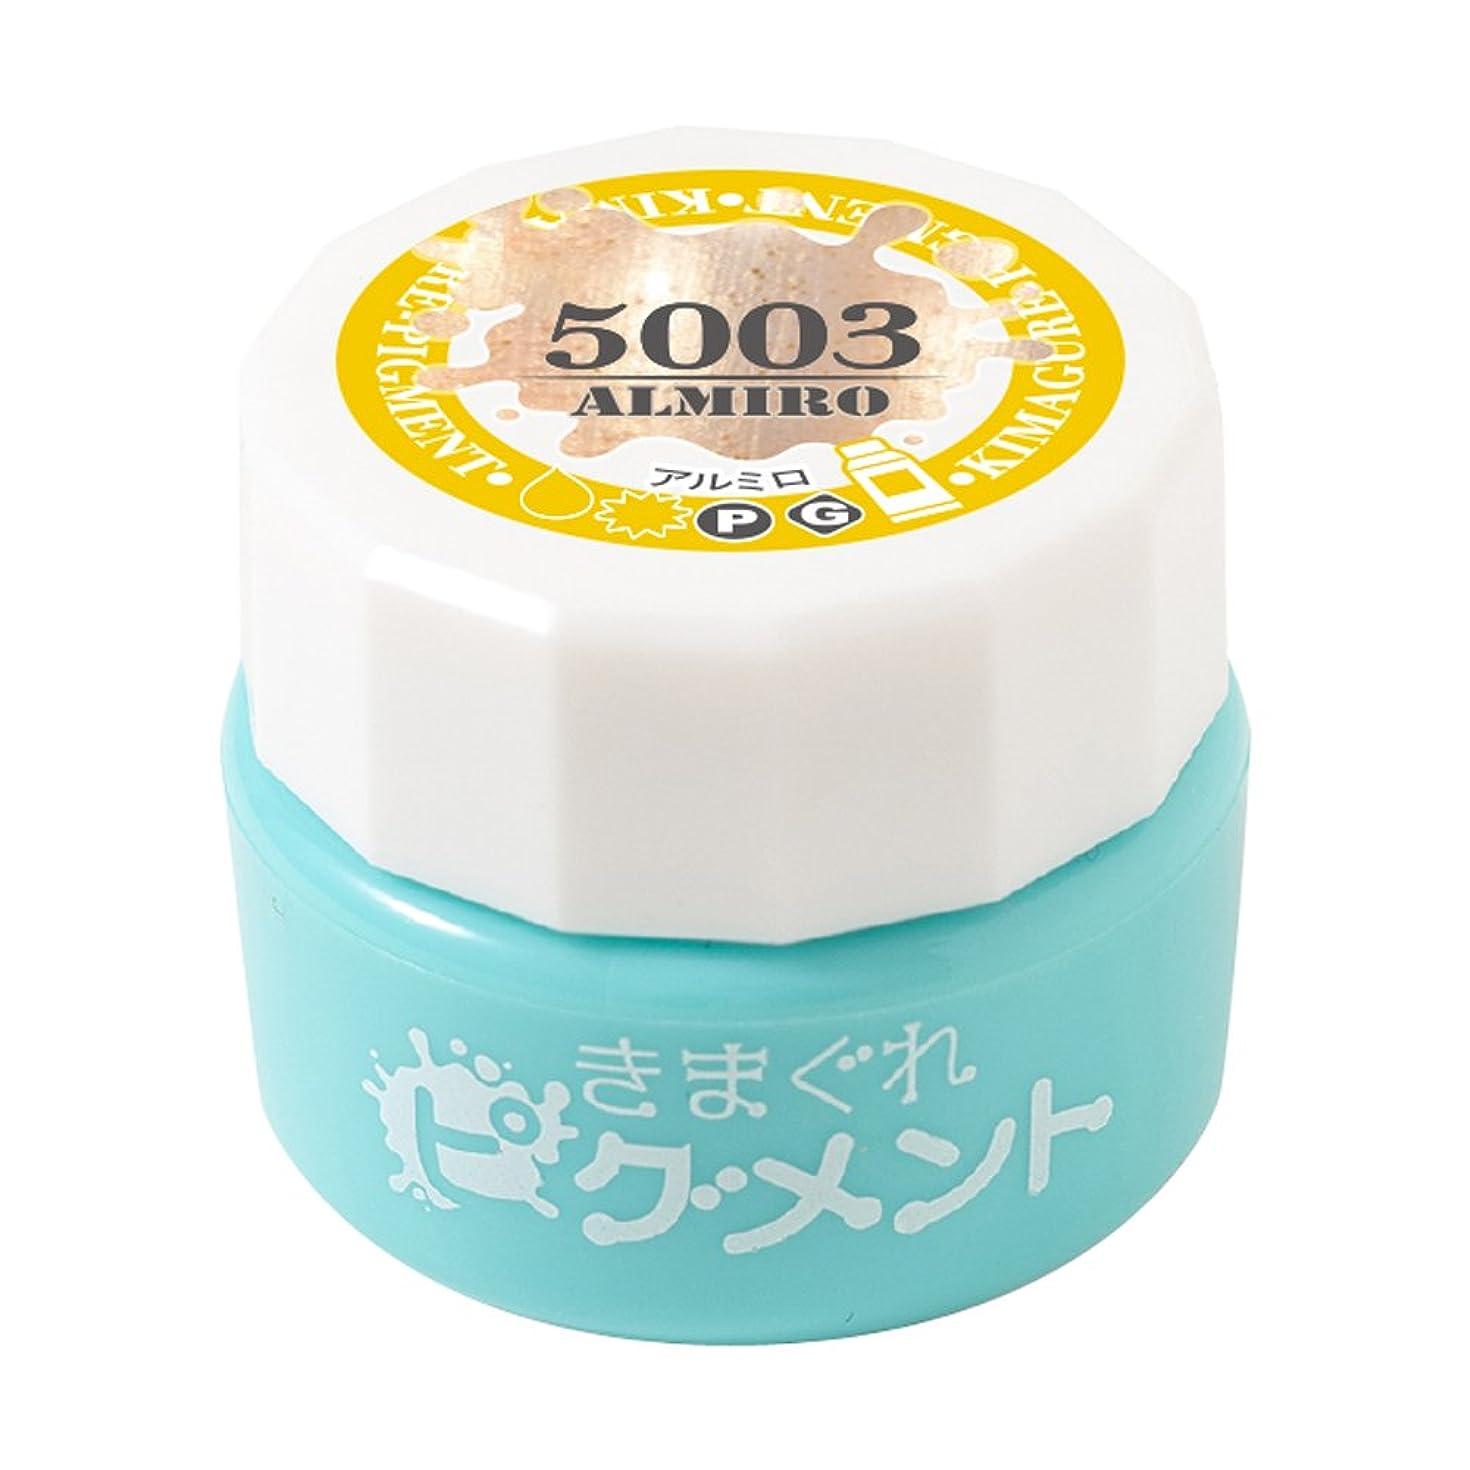 広まった軽食お願いしますBettygel きまぐれピグメント アルミロ QYJ-5003 4g UV/LED対応